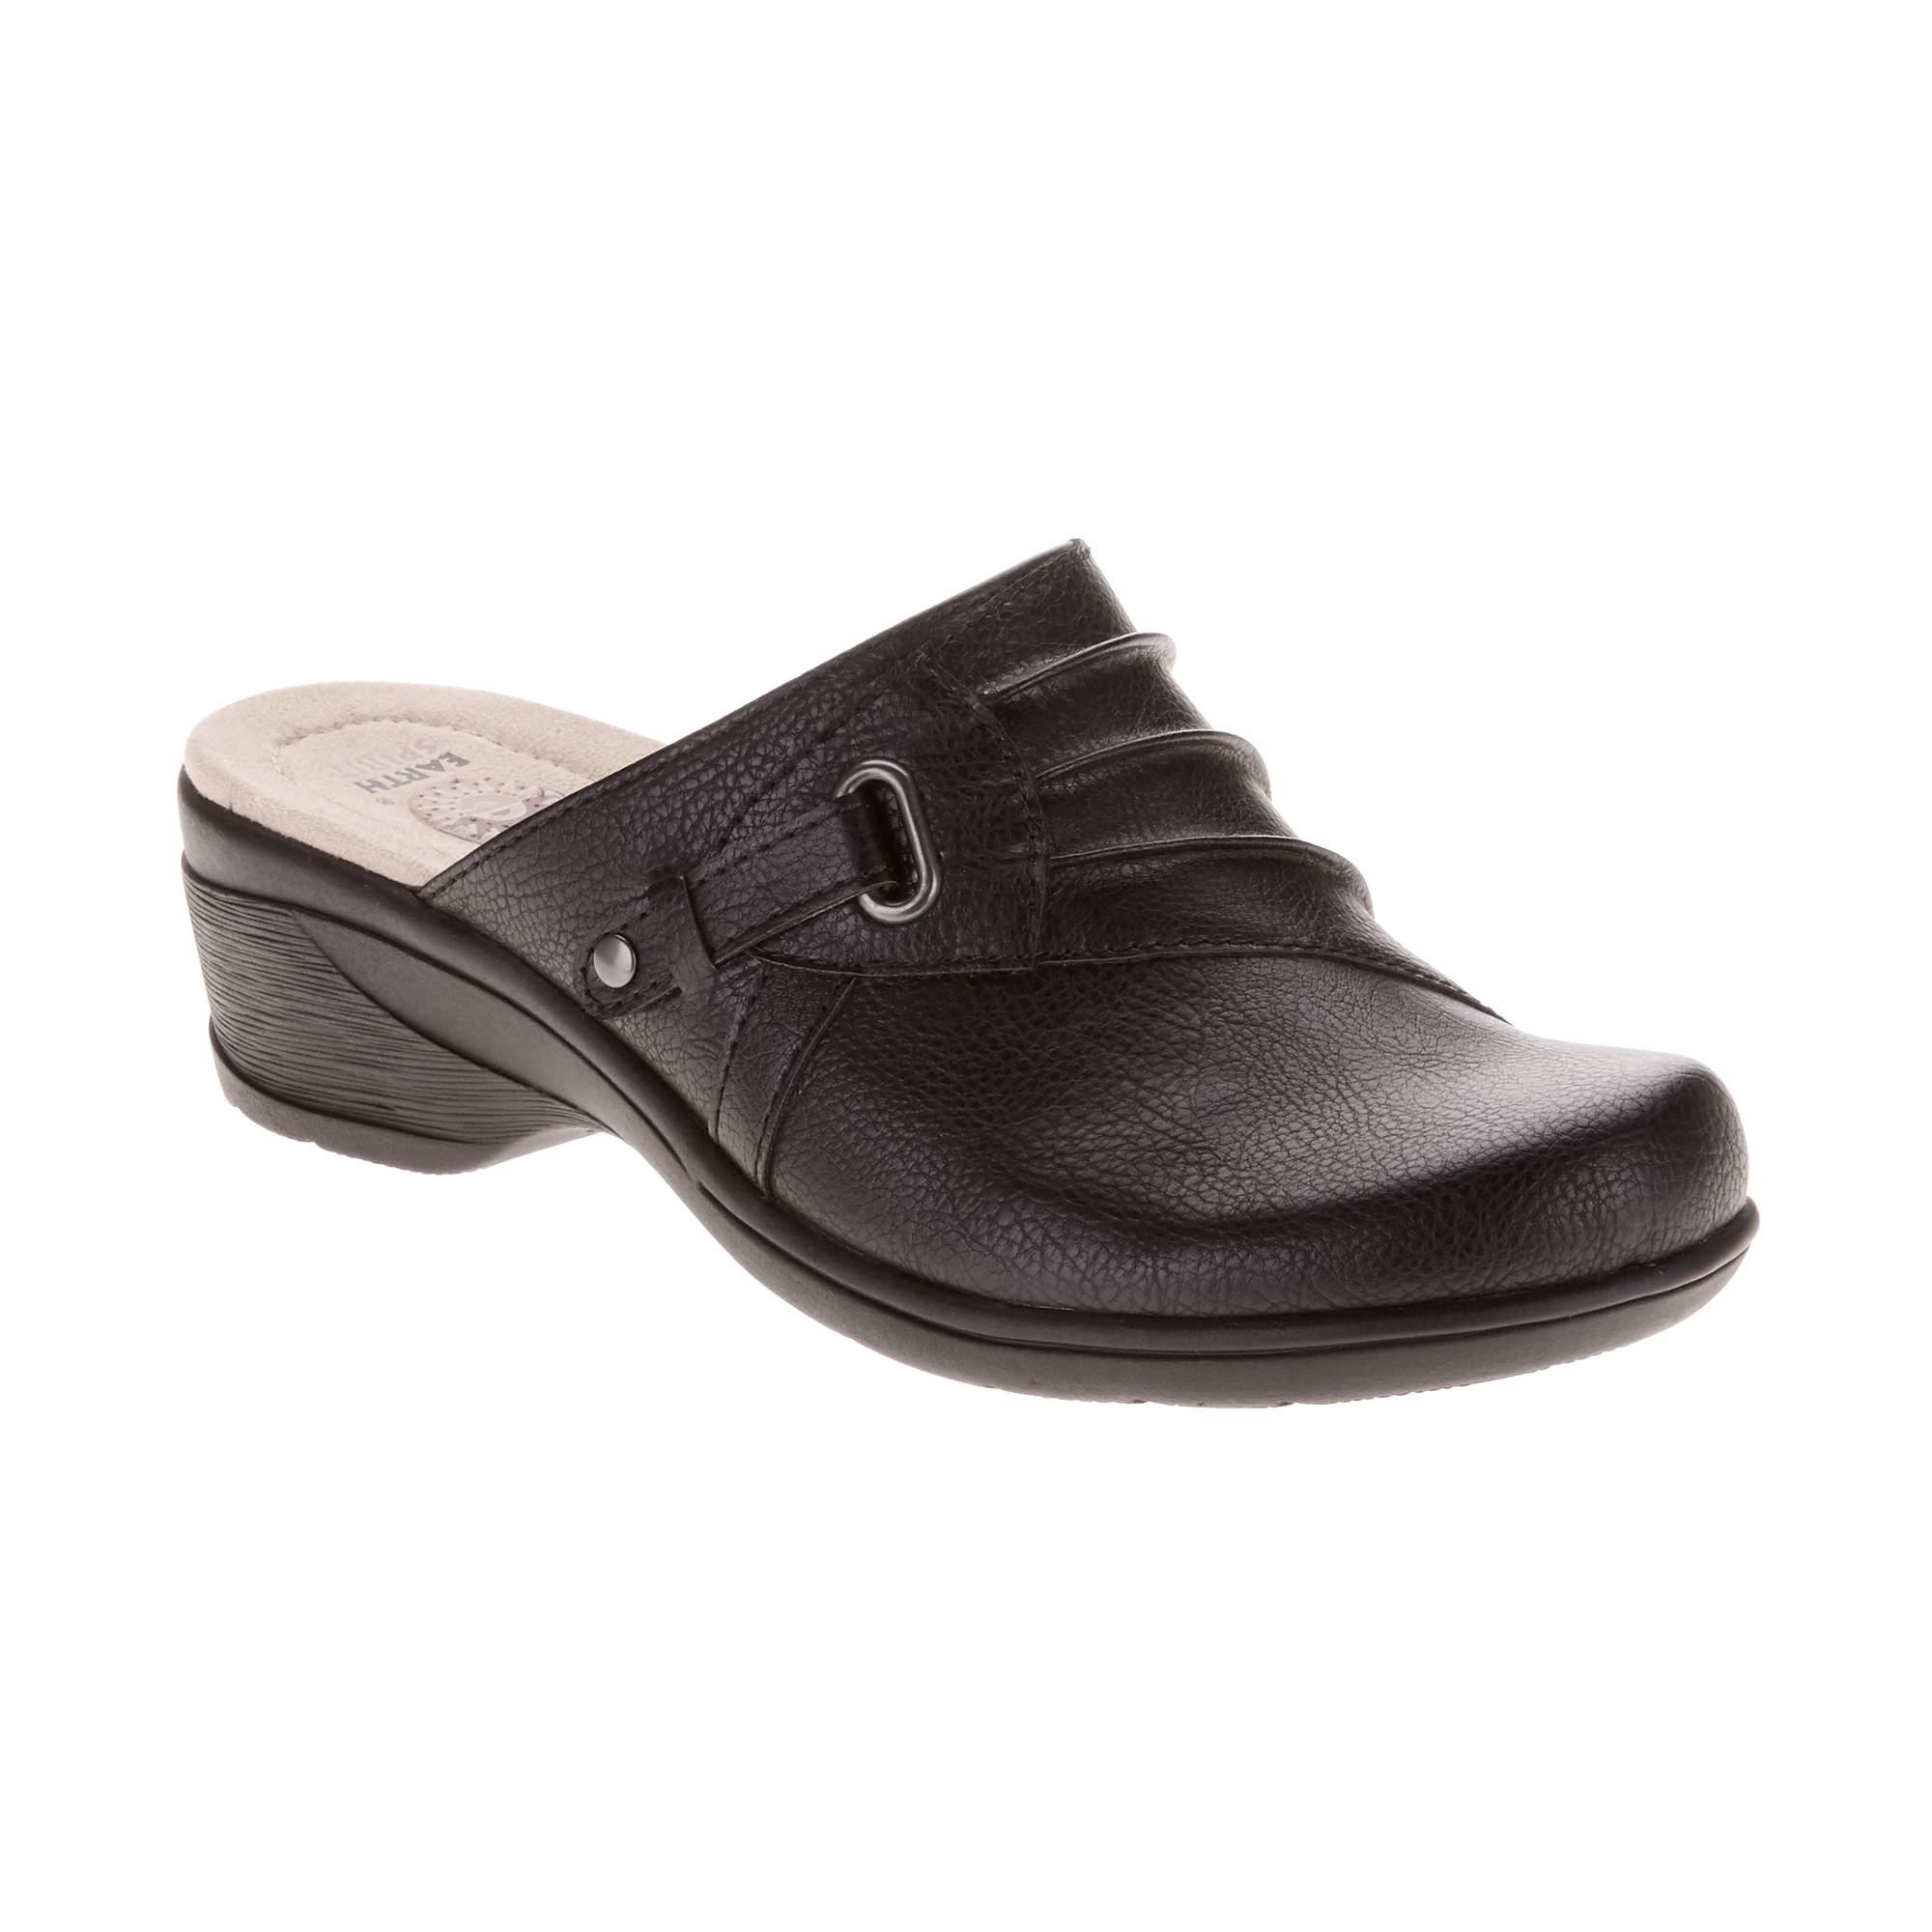 Earth Spirit Women's Geni Clog Shoe by